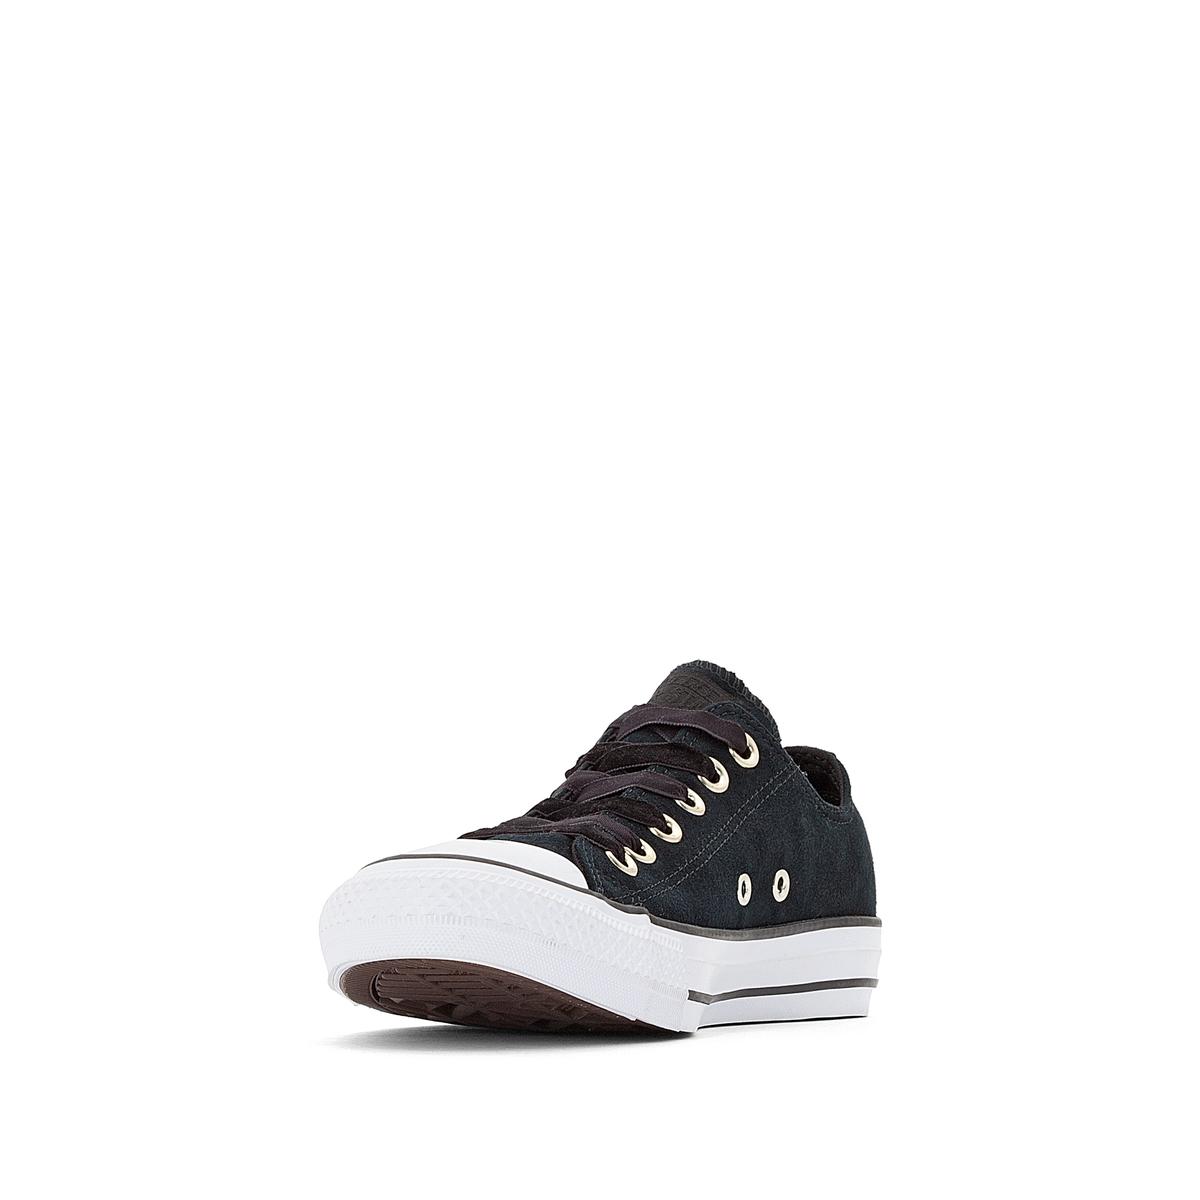 Imagen secundaria de producto de Zapatillas CHUCK TAYLOR ALL STAR OX GATOR GLAM - Converse